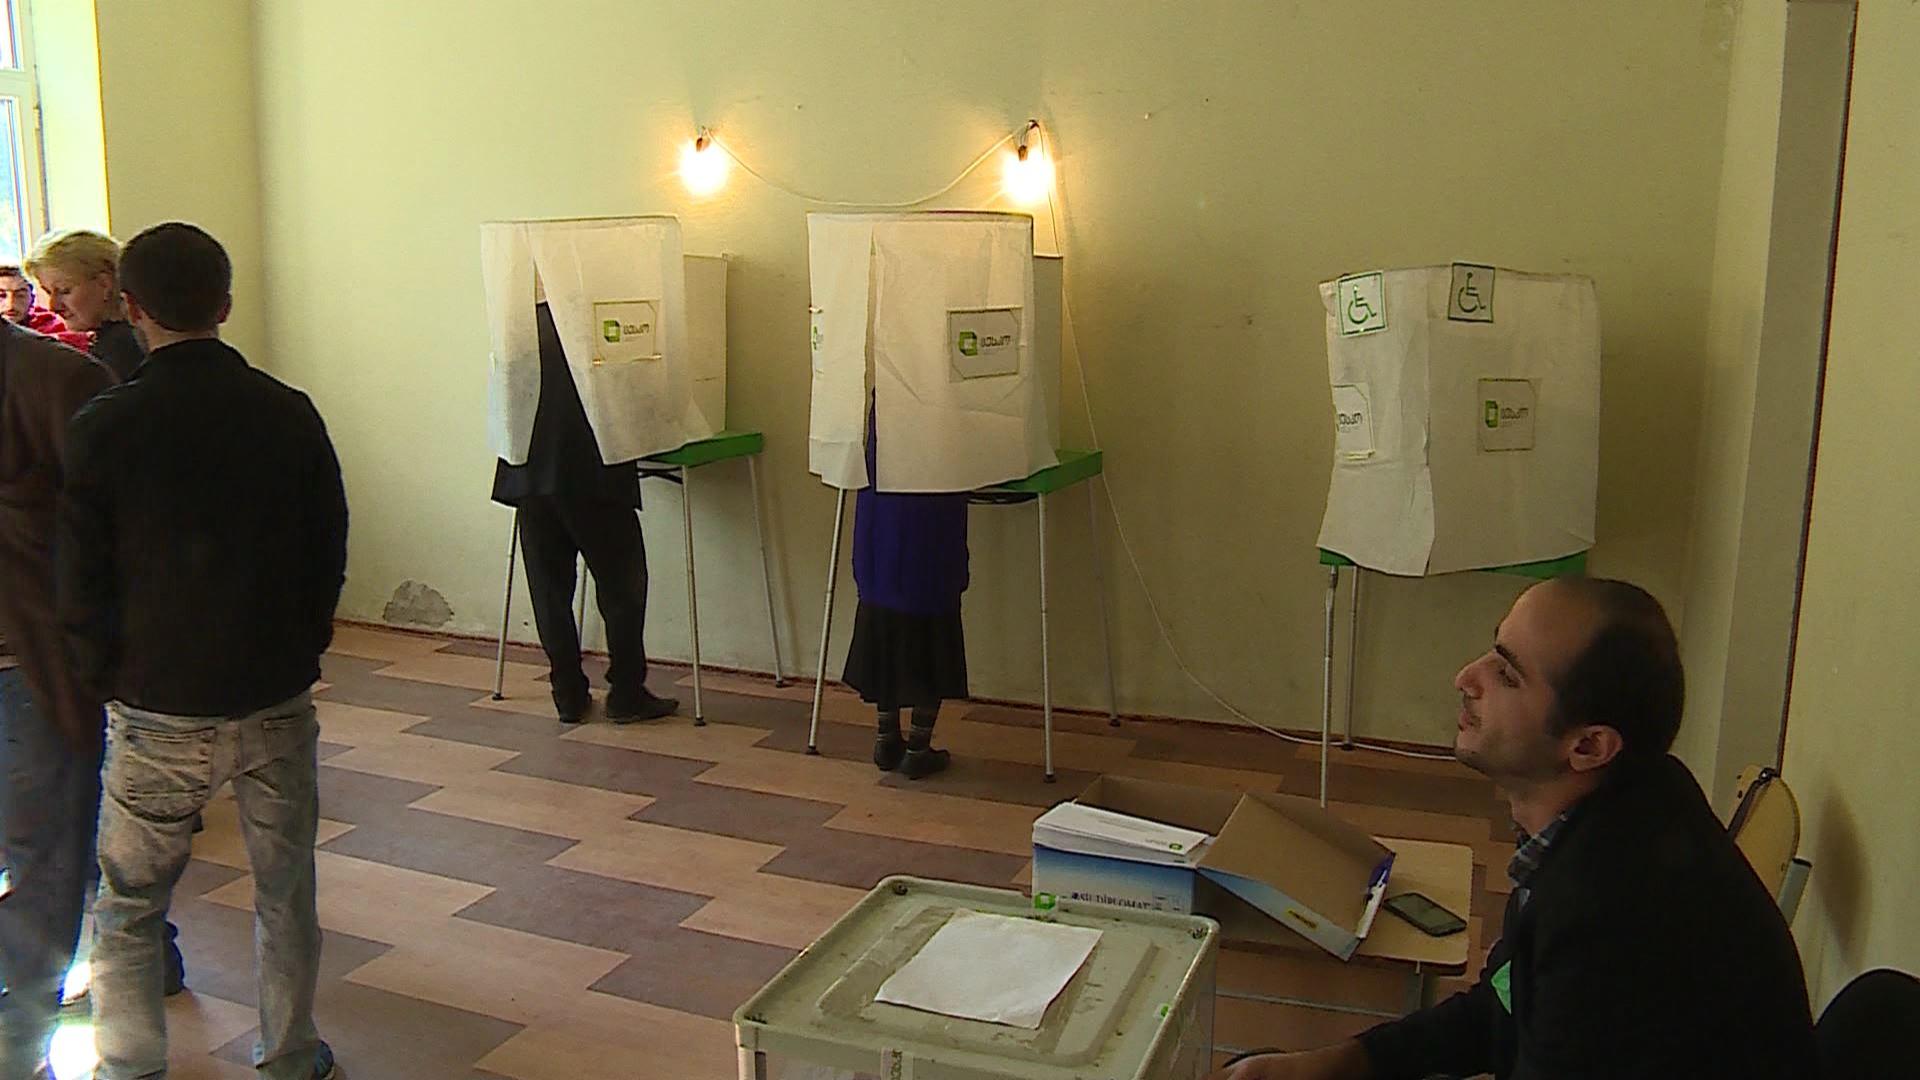 ქედაში -  10:00 მხოლოდ 1337 ამომრჩეველი მივიდა